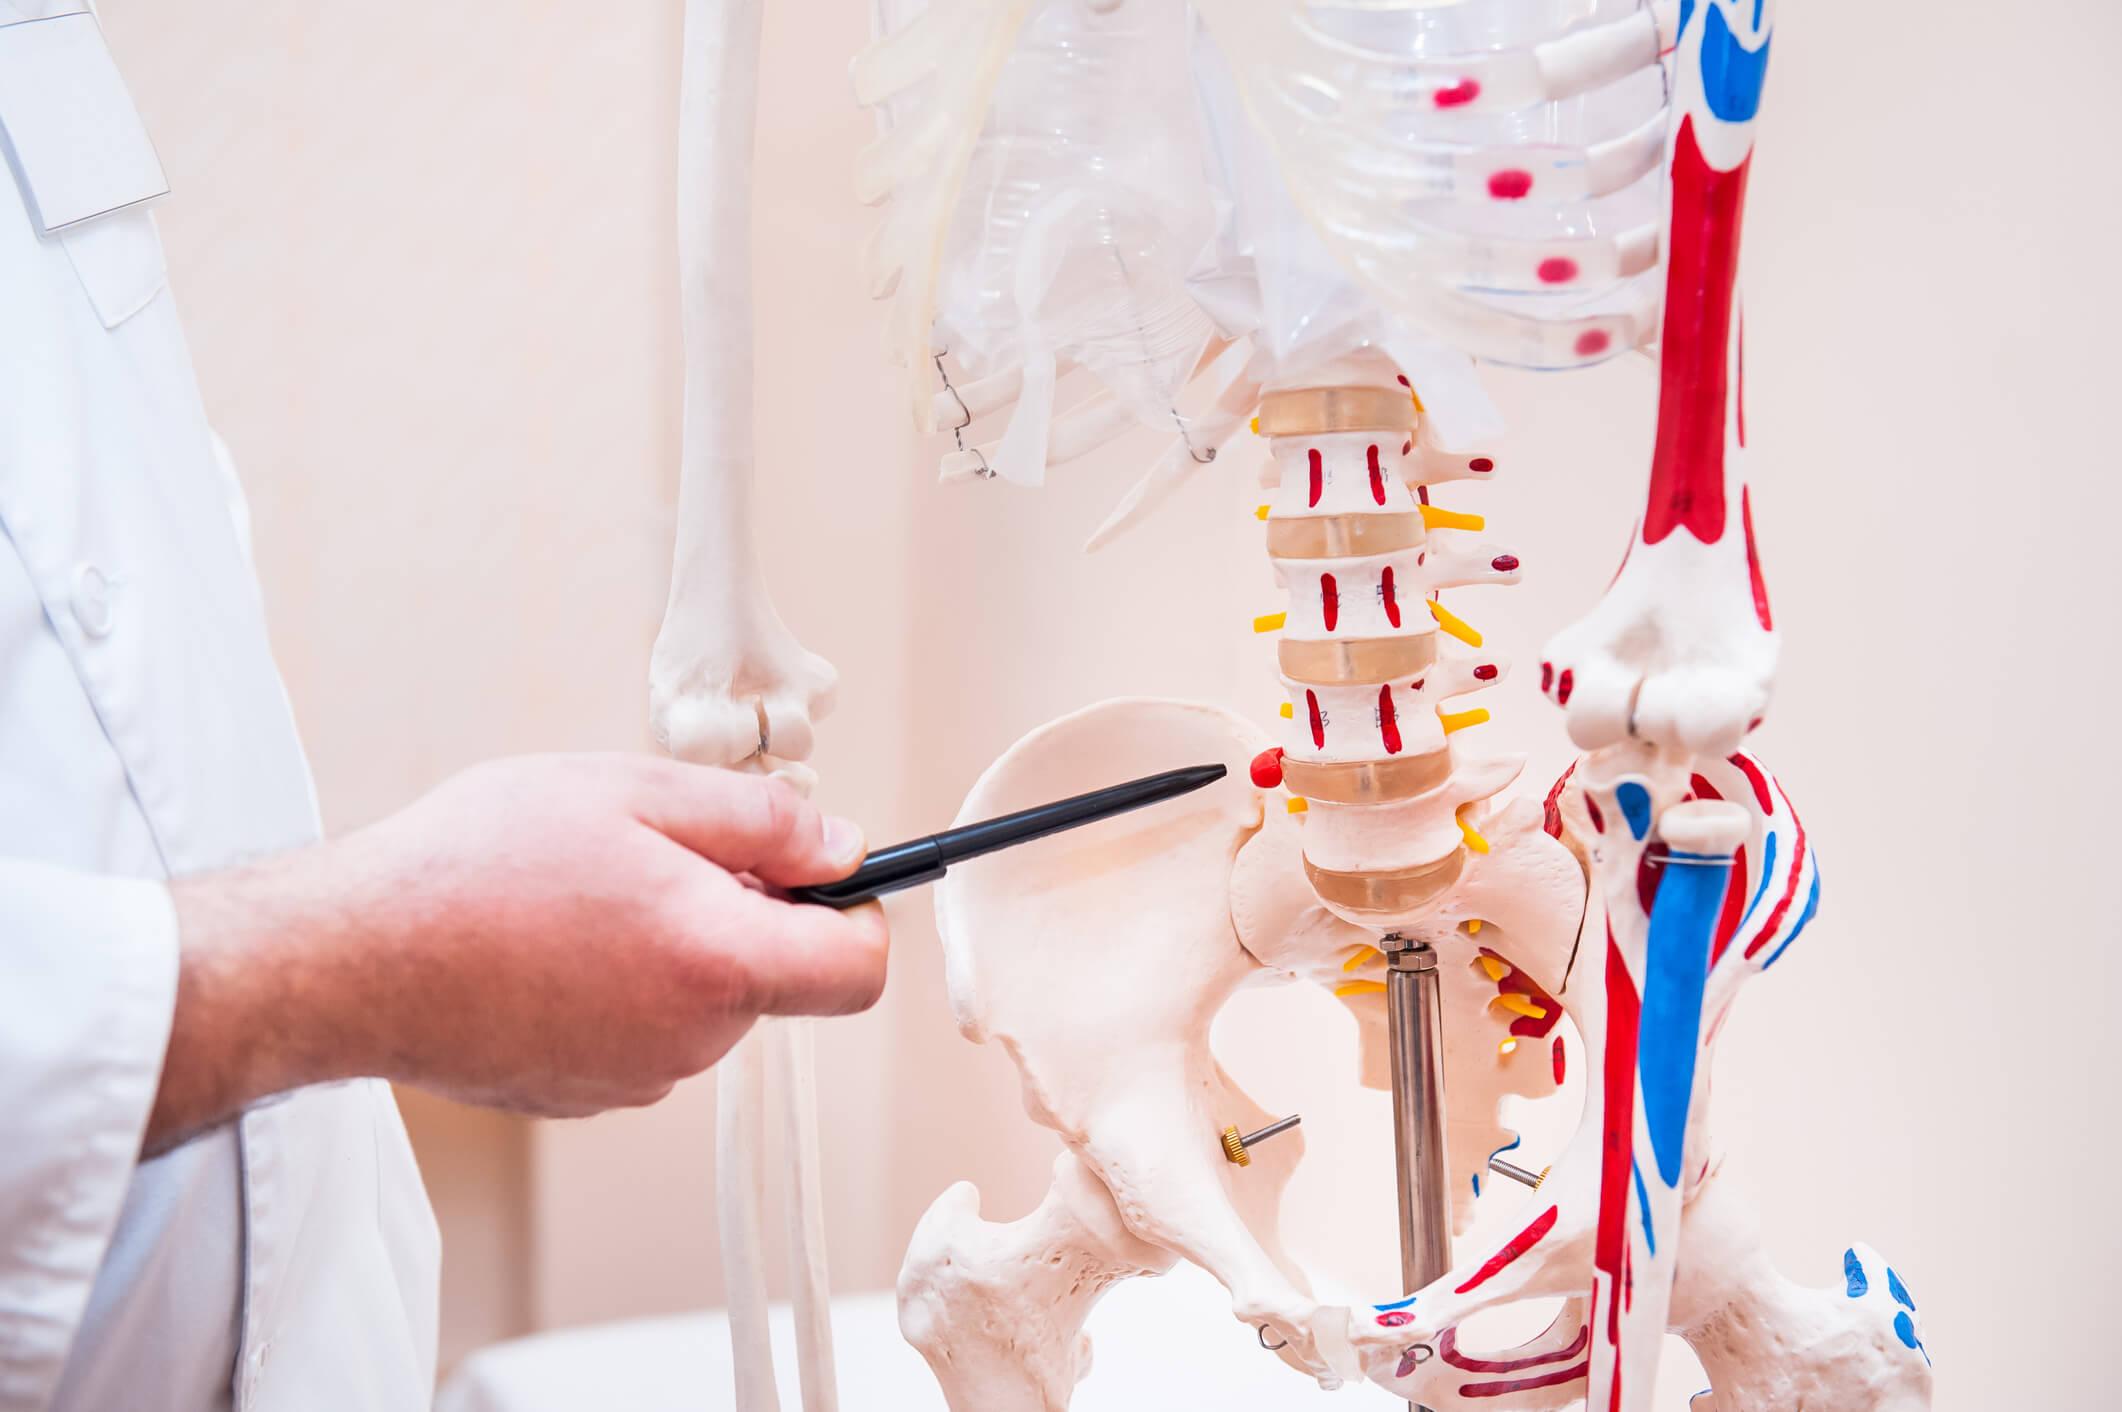 Como a tecnologia auxilia no processo de reabilitação perineal?